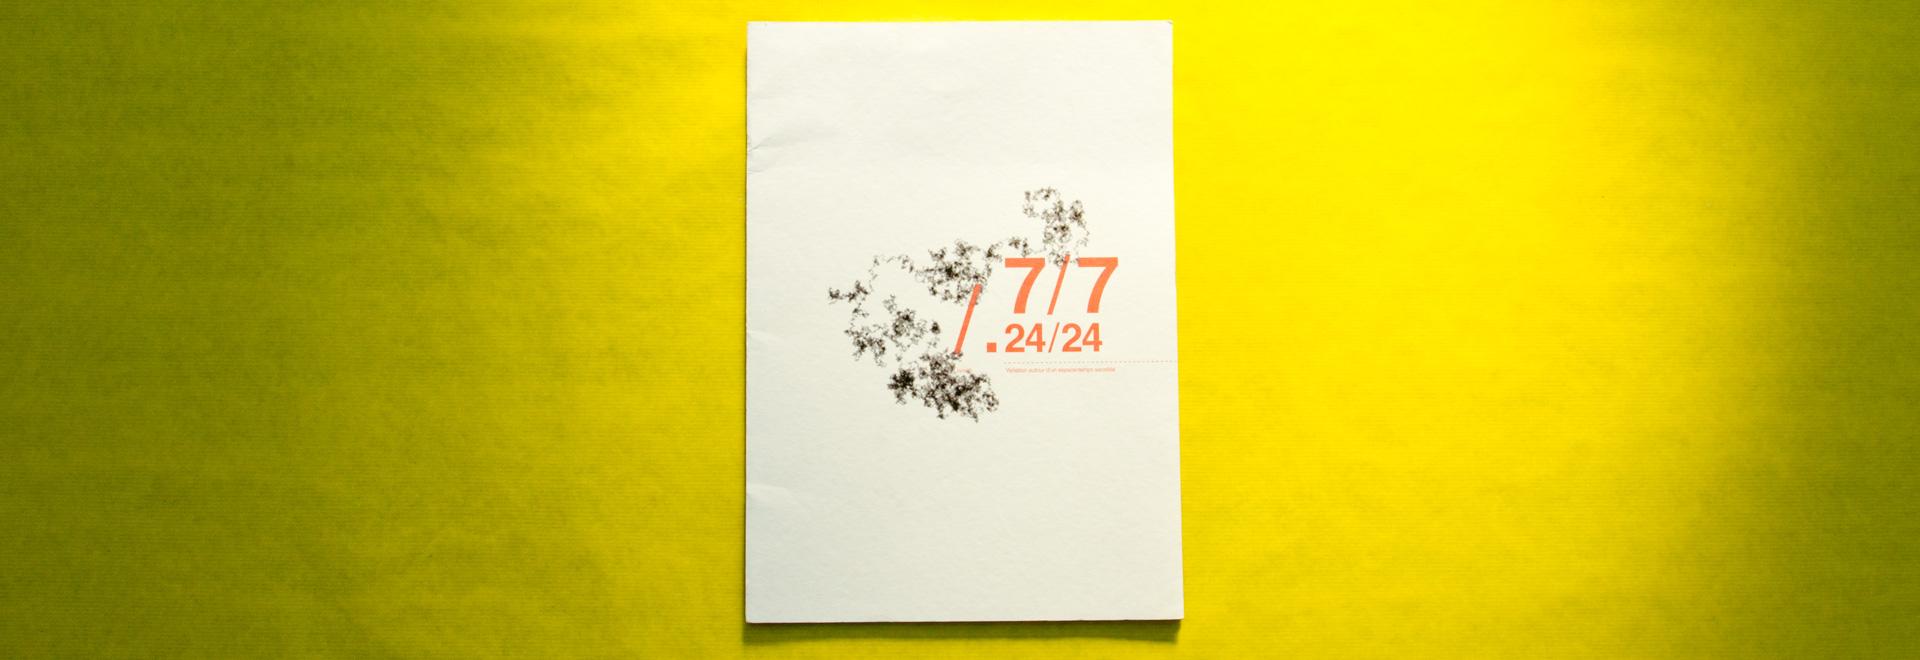 77-2424-1-edition